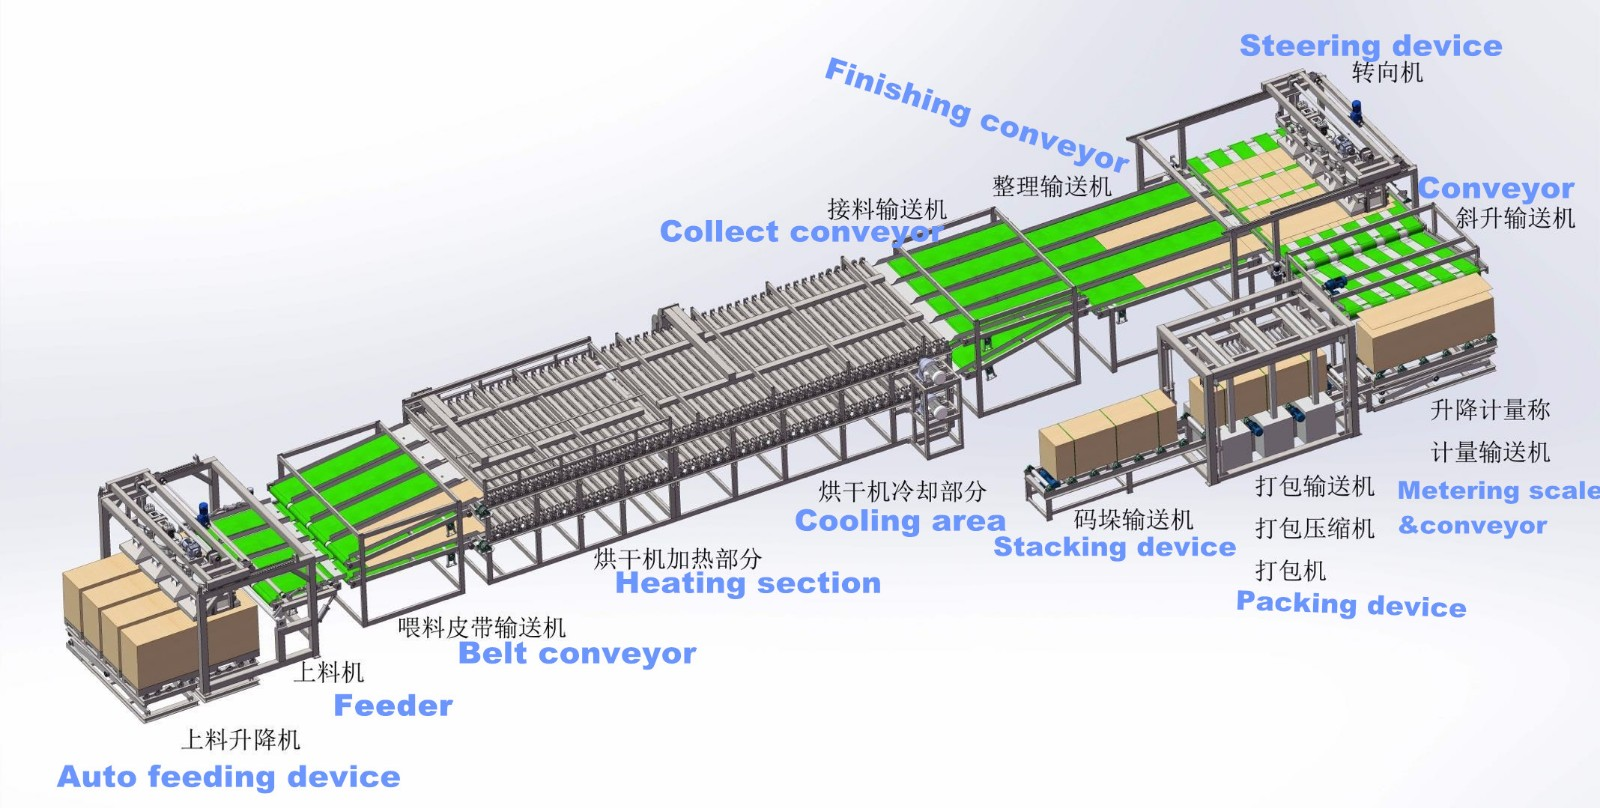 veneer dryer scheme drawing .jpg